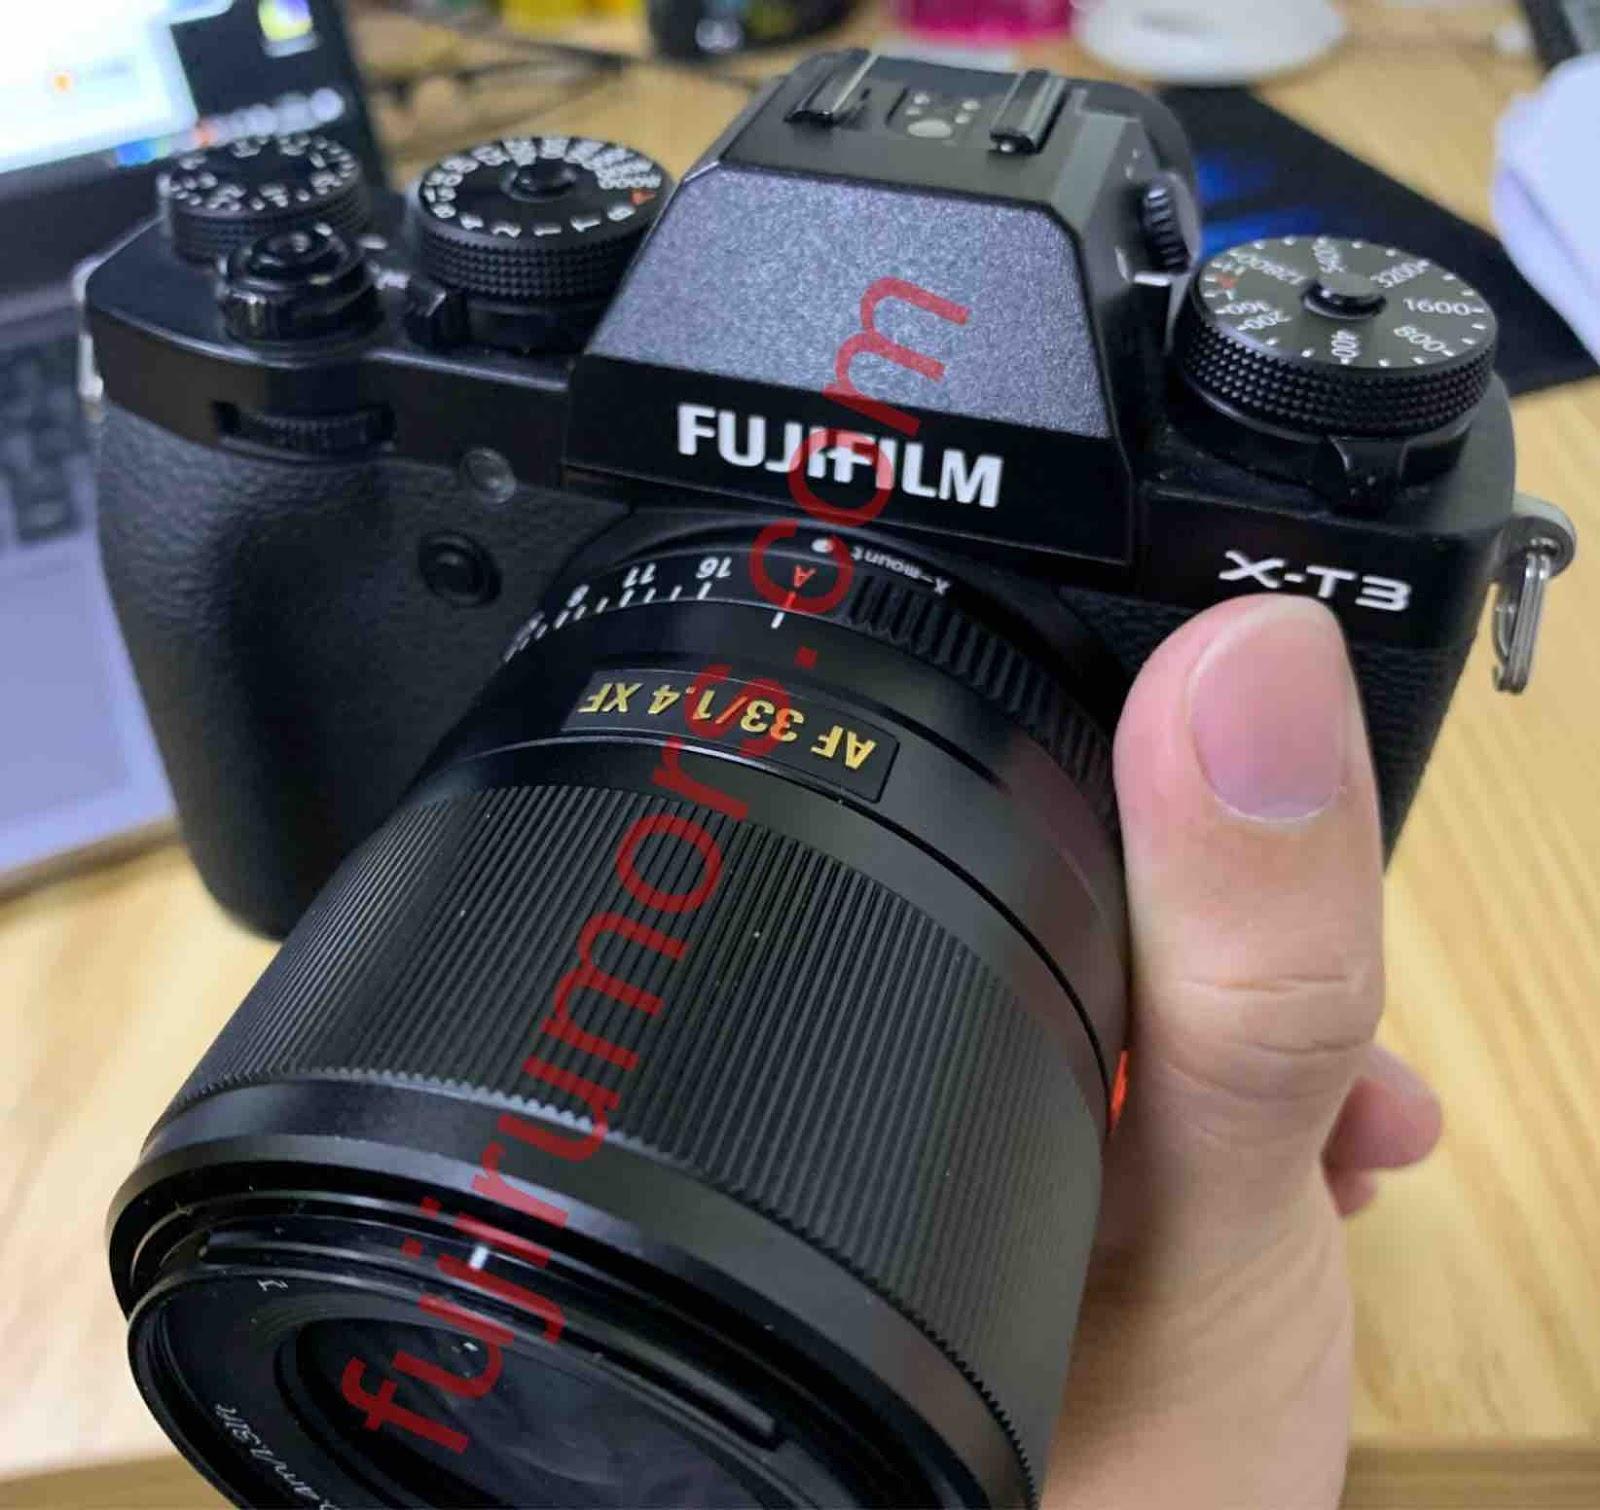 Vitrox 56mm f/1.4 с камерой Fujifilm X-T3